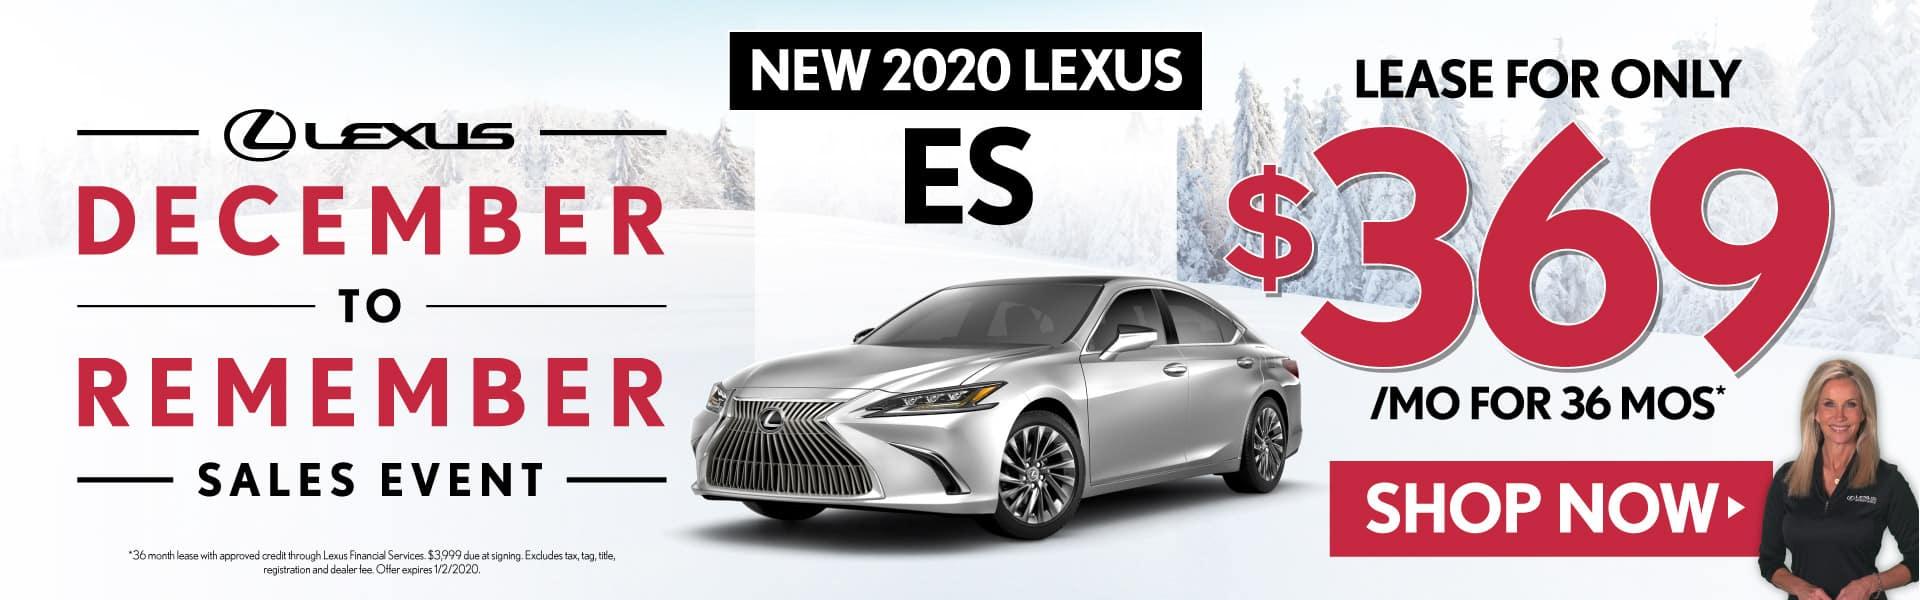 New Lexus Models, Stellar Service Near Tampa, FL